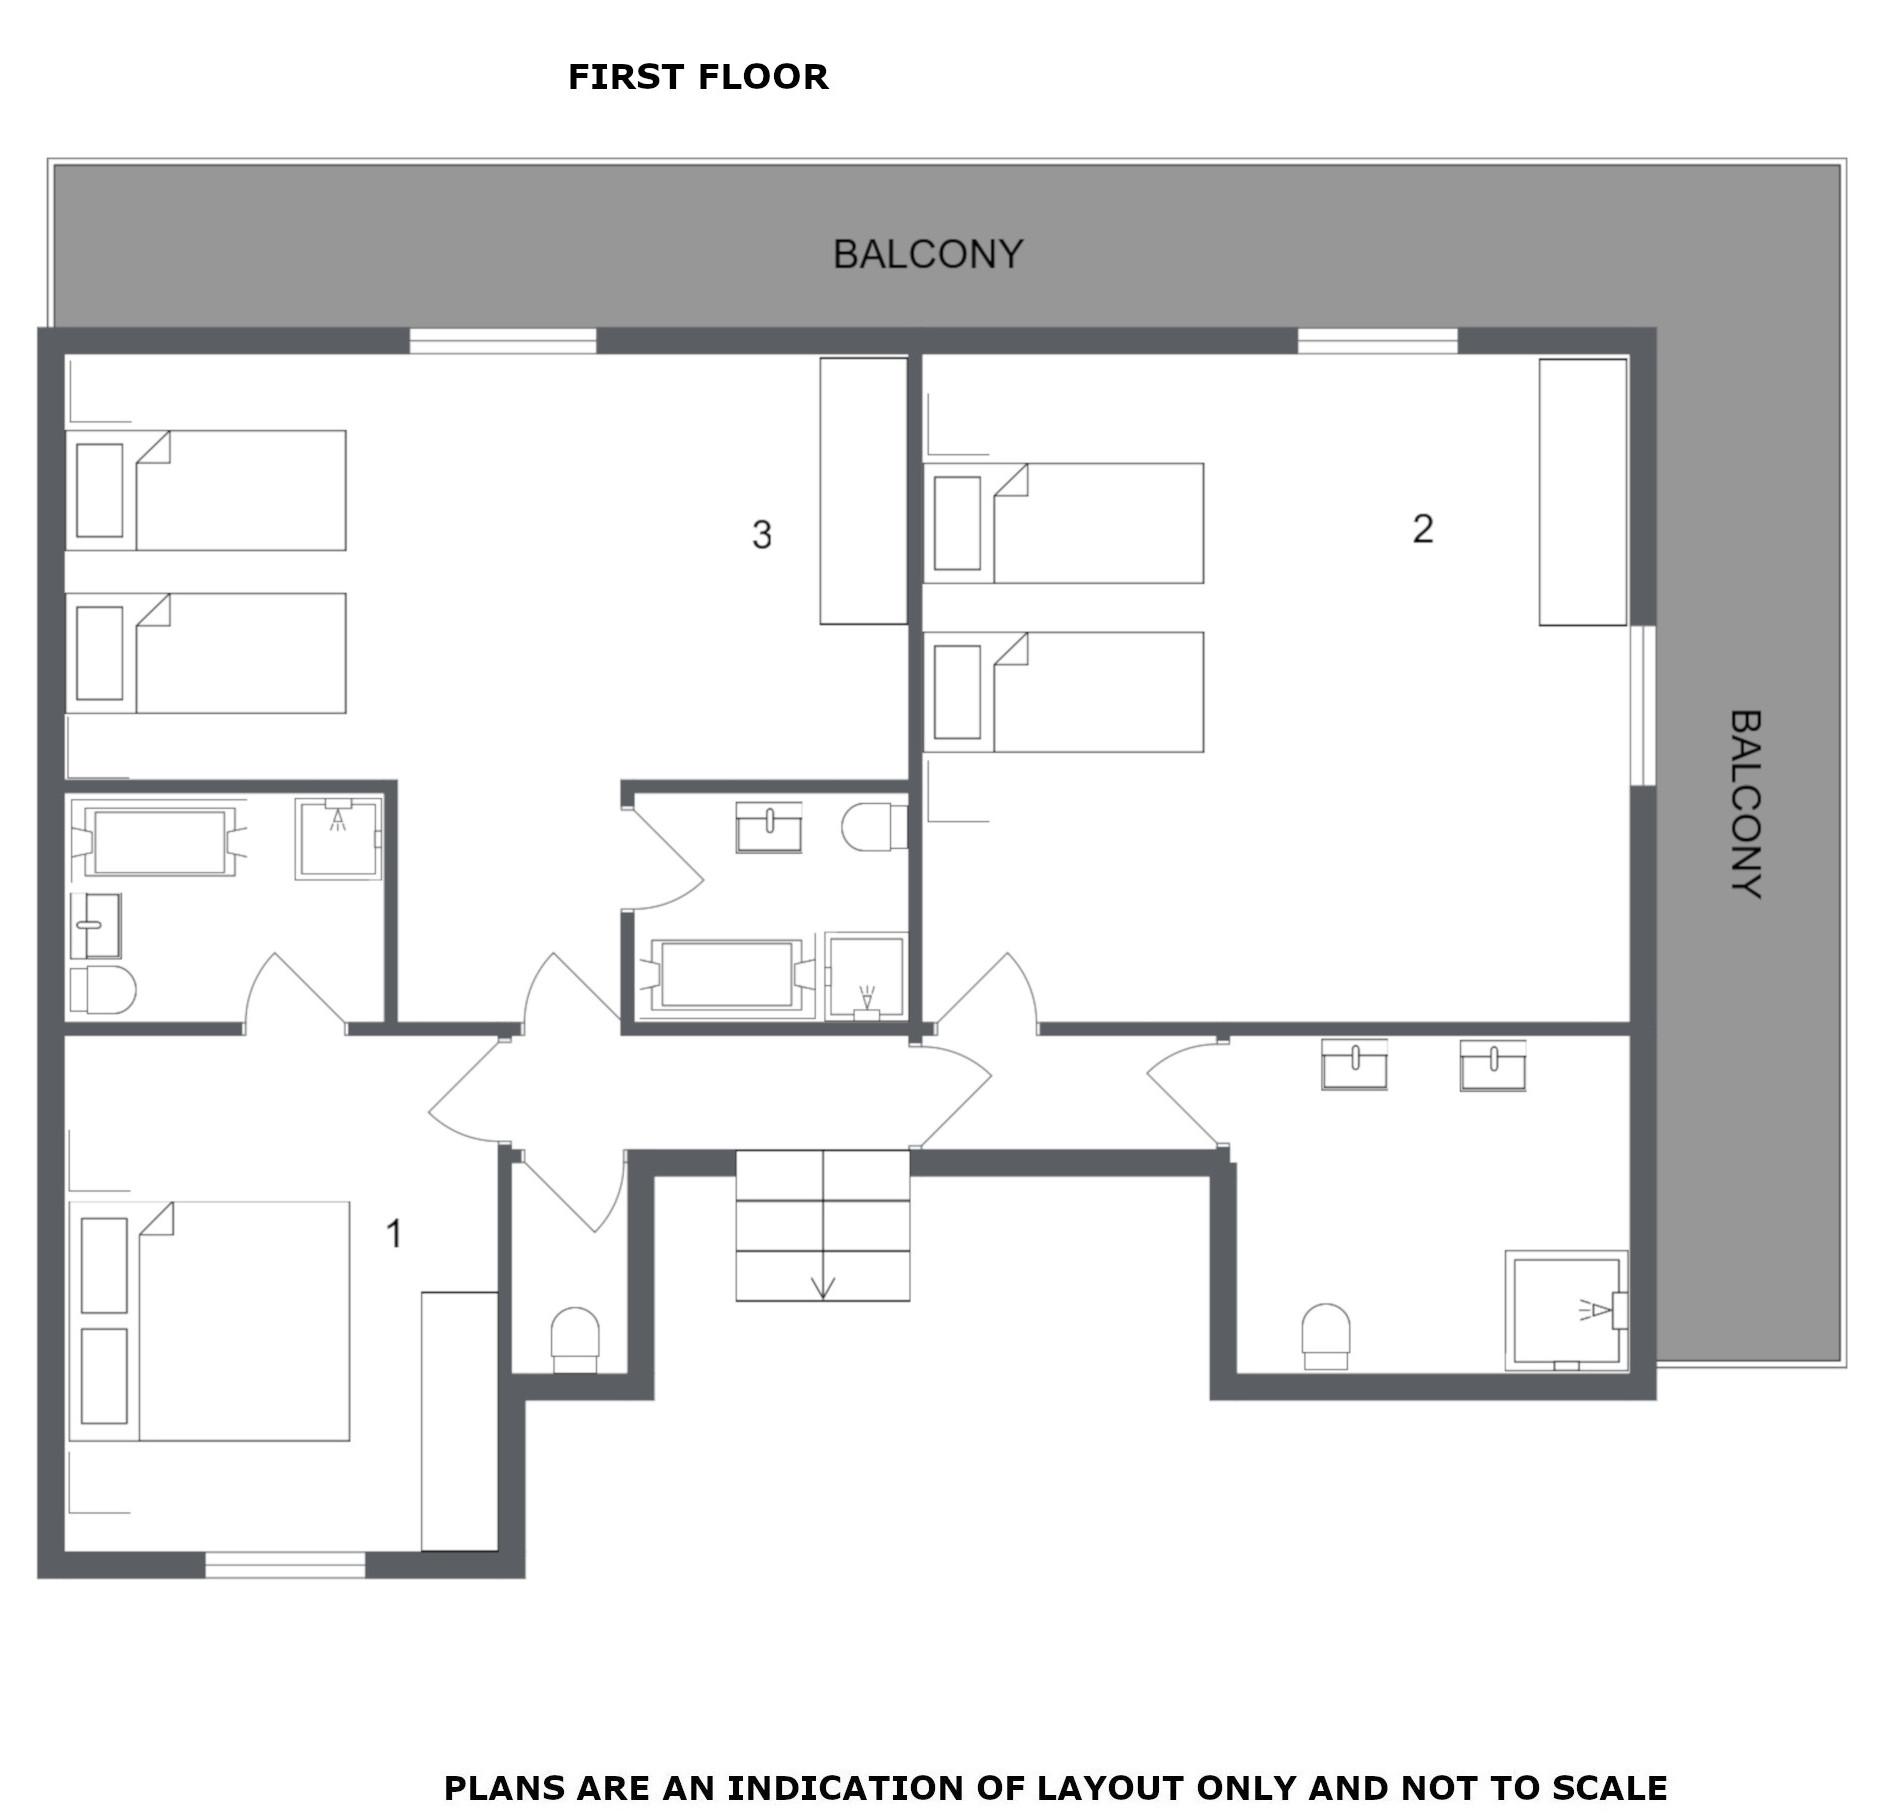 Chalet Bouchot Meribel Floor Plan 2